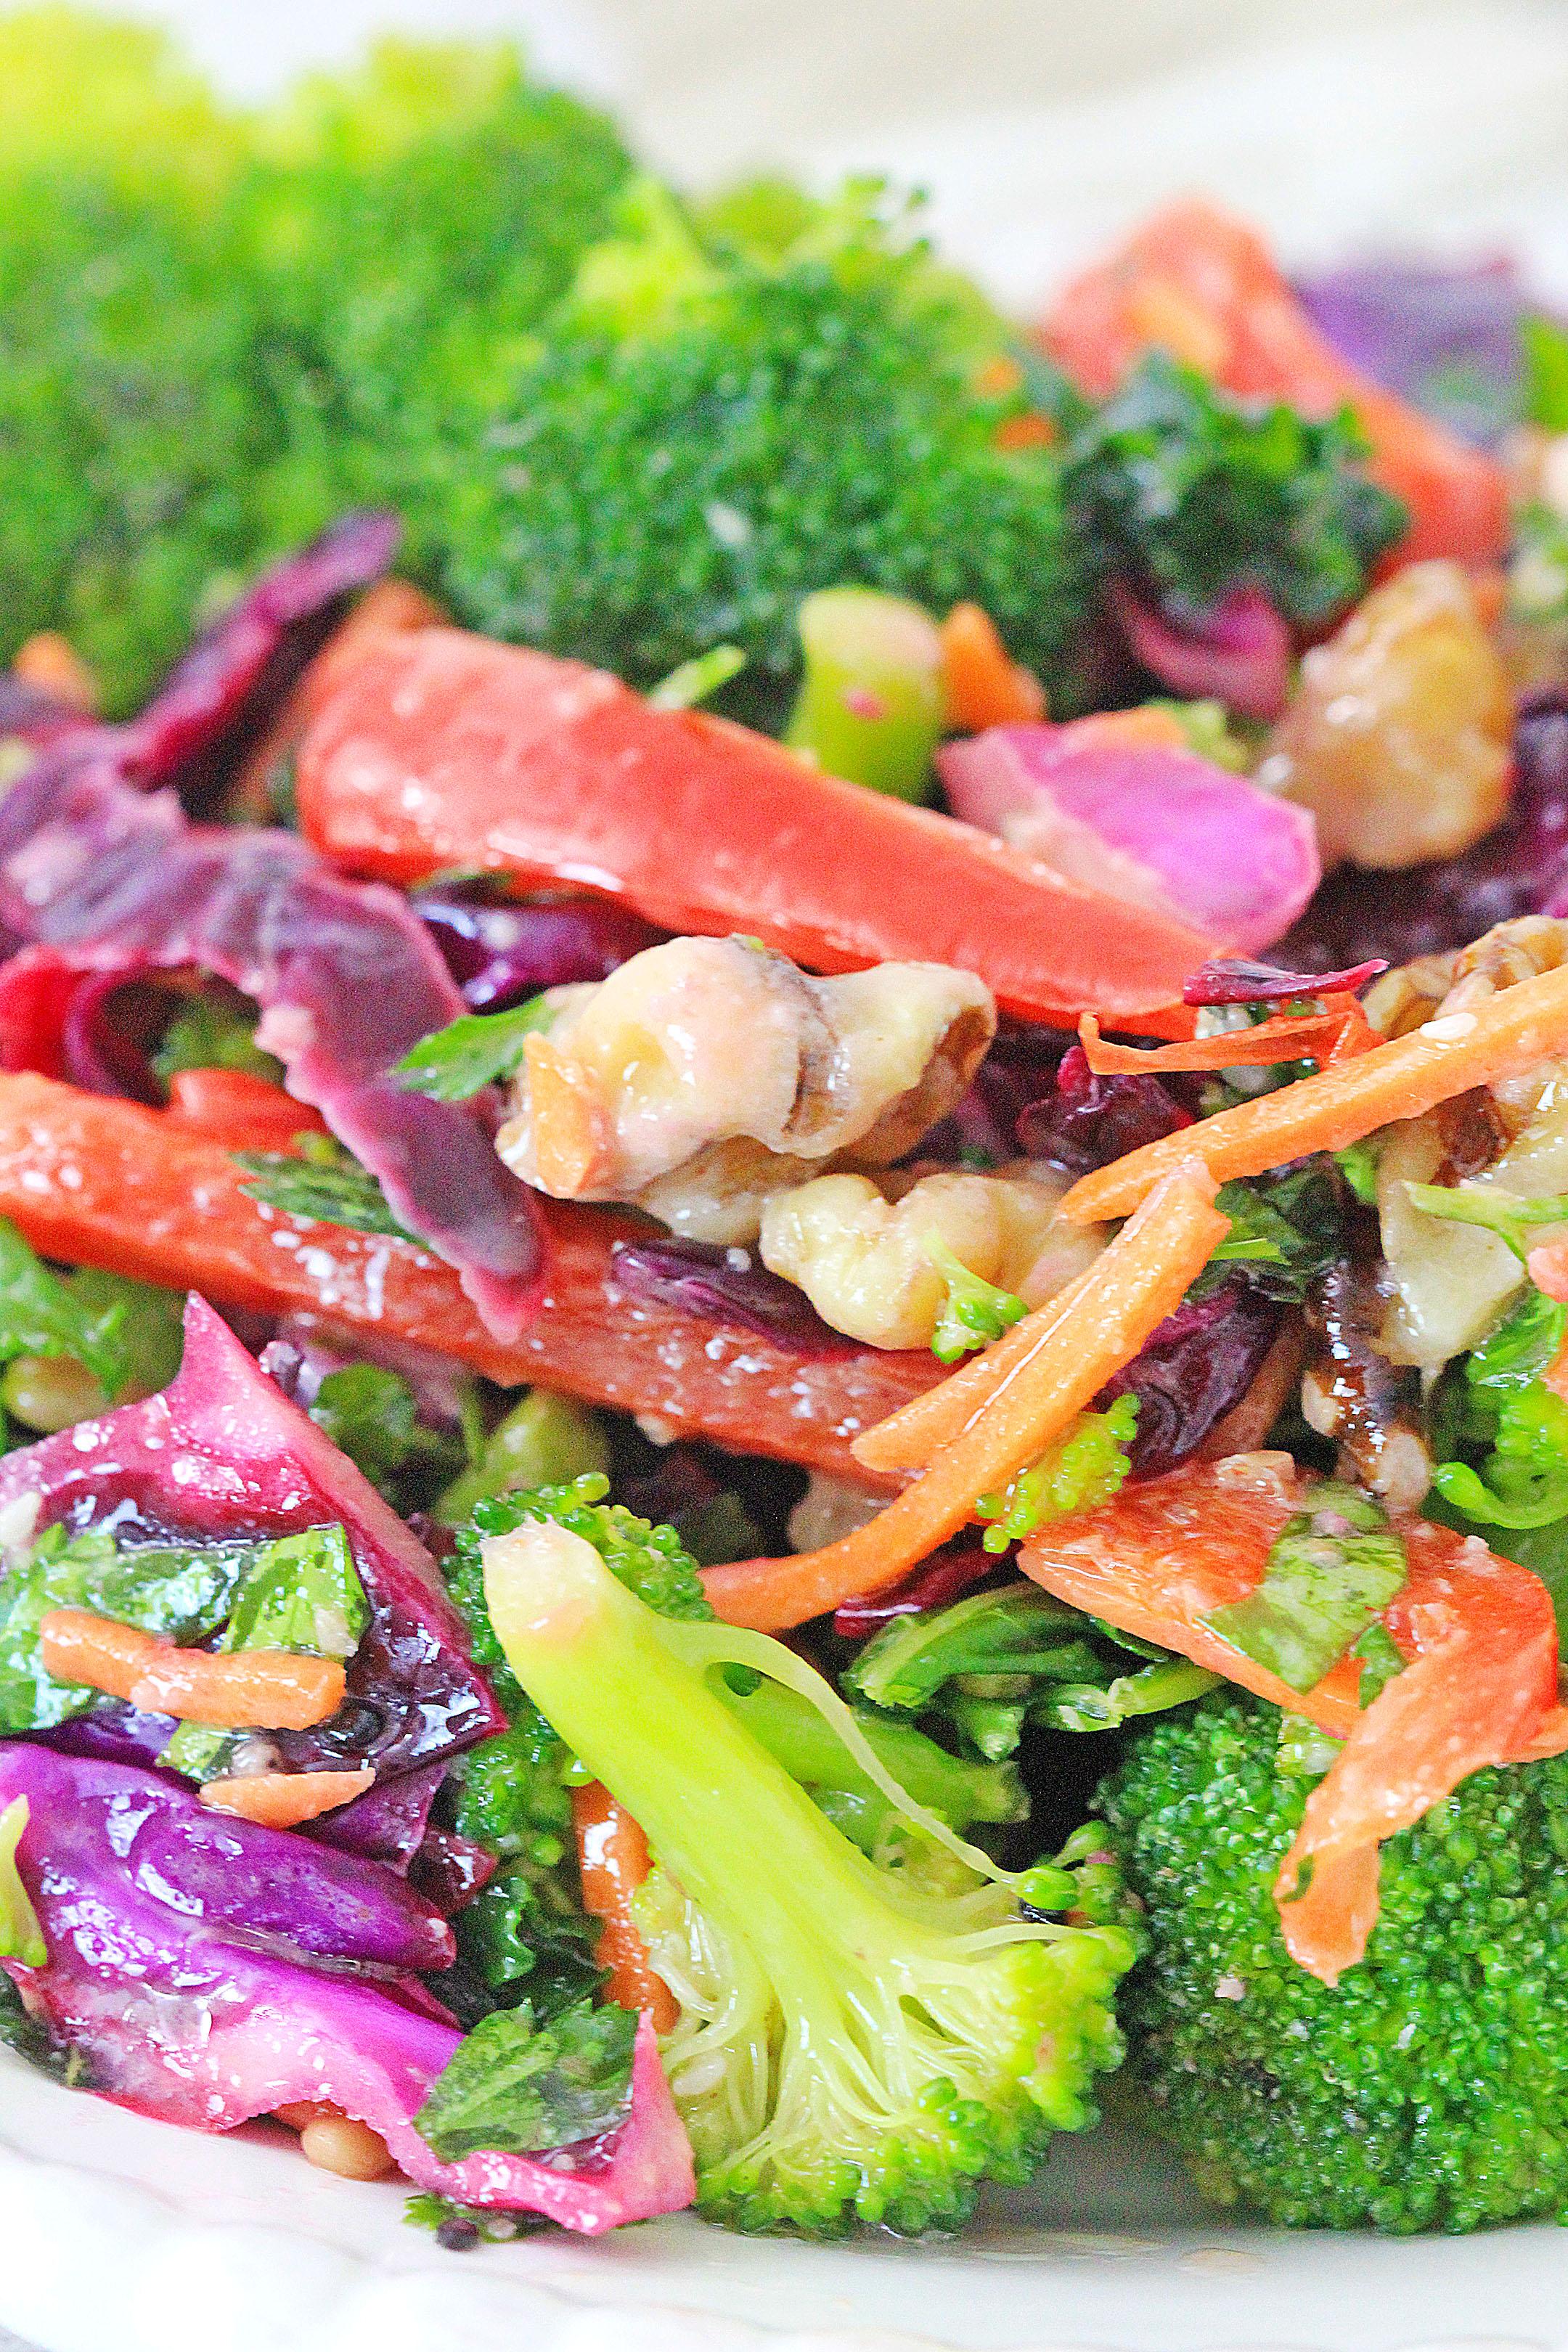 Healthy & Delicious Detox Salad Recipe!